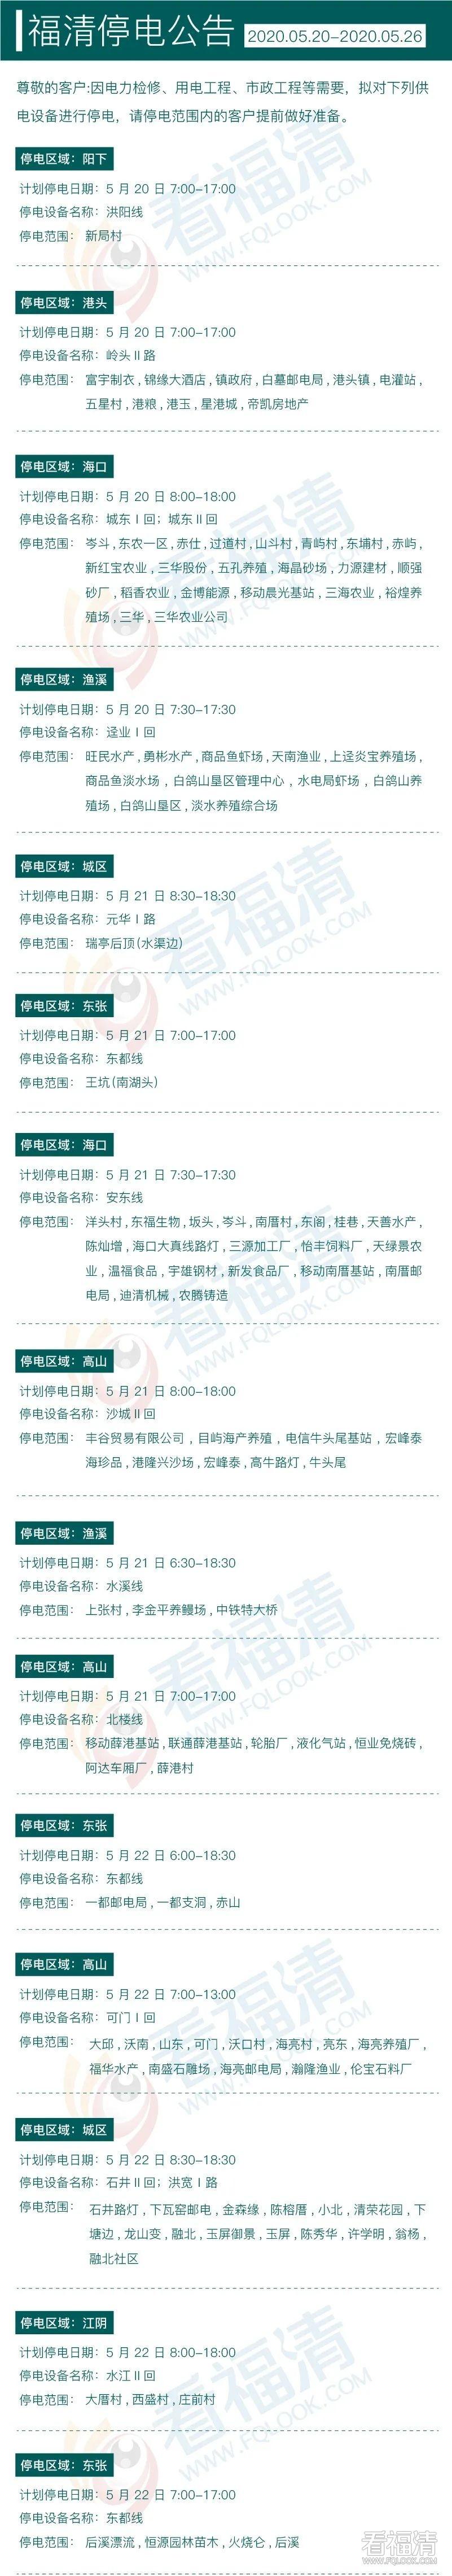 福清停电公告(5月20日-5月26日)